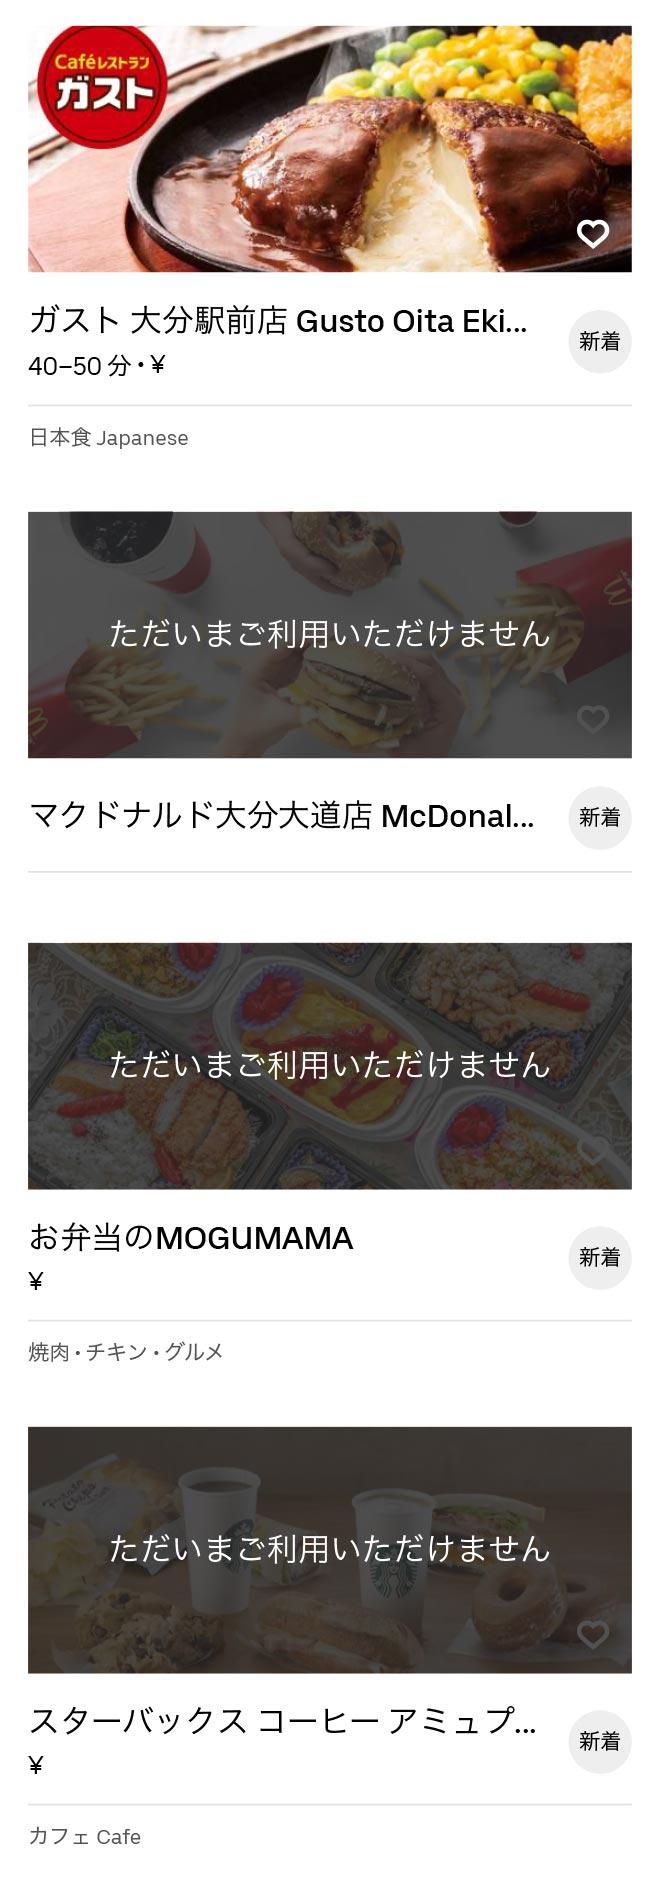 Oita menu 2008 03